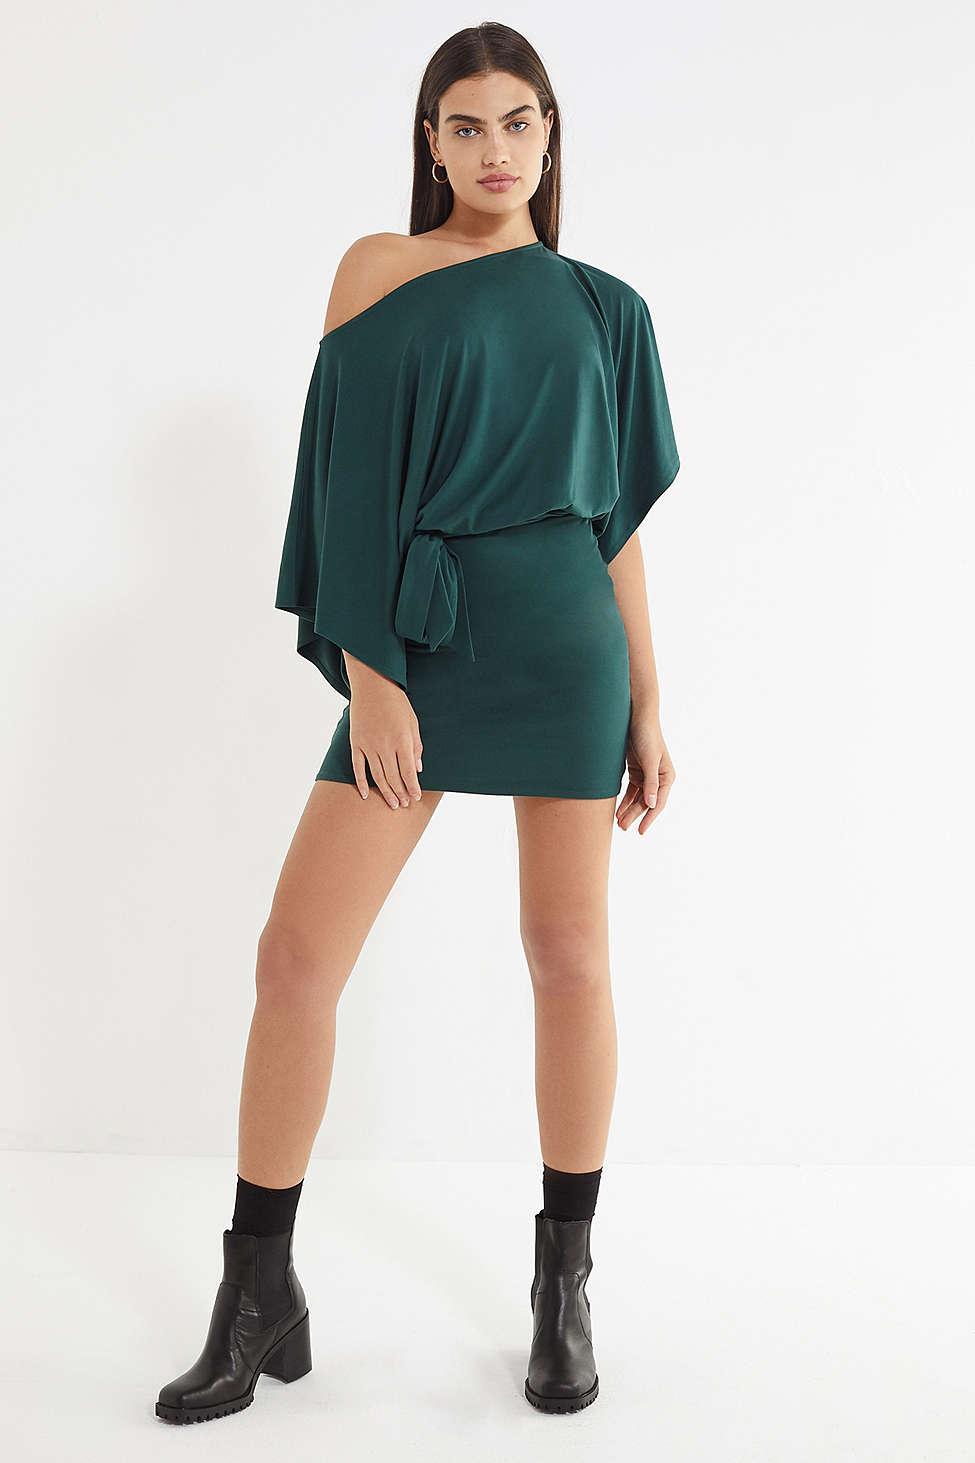 73fe4bff38 Lyst - Urban Outfitters Uo Sonya Tie-waist Blouson Dress in Green